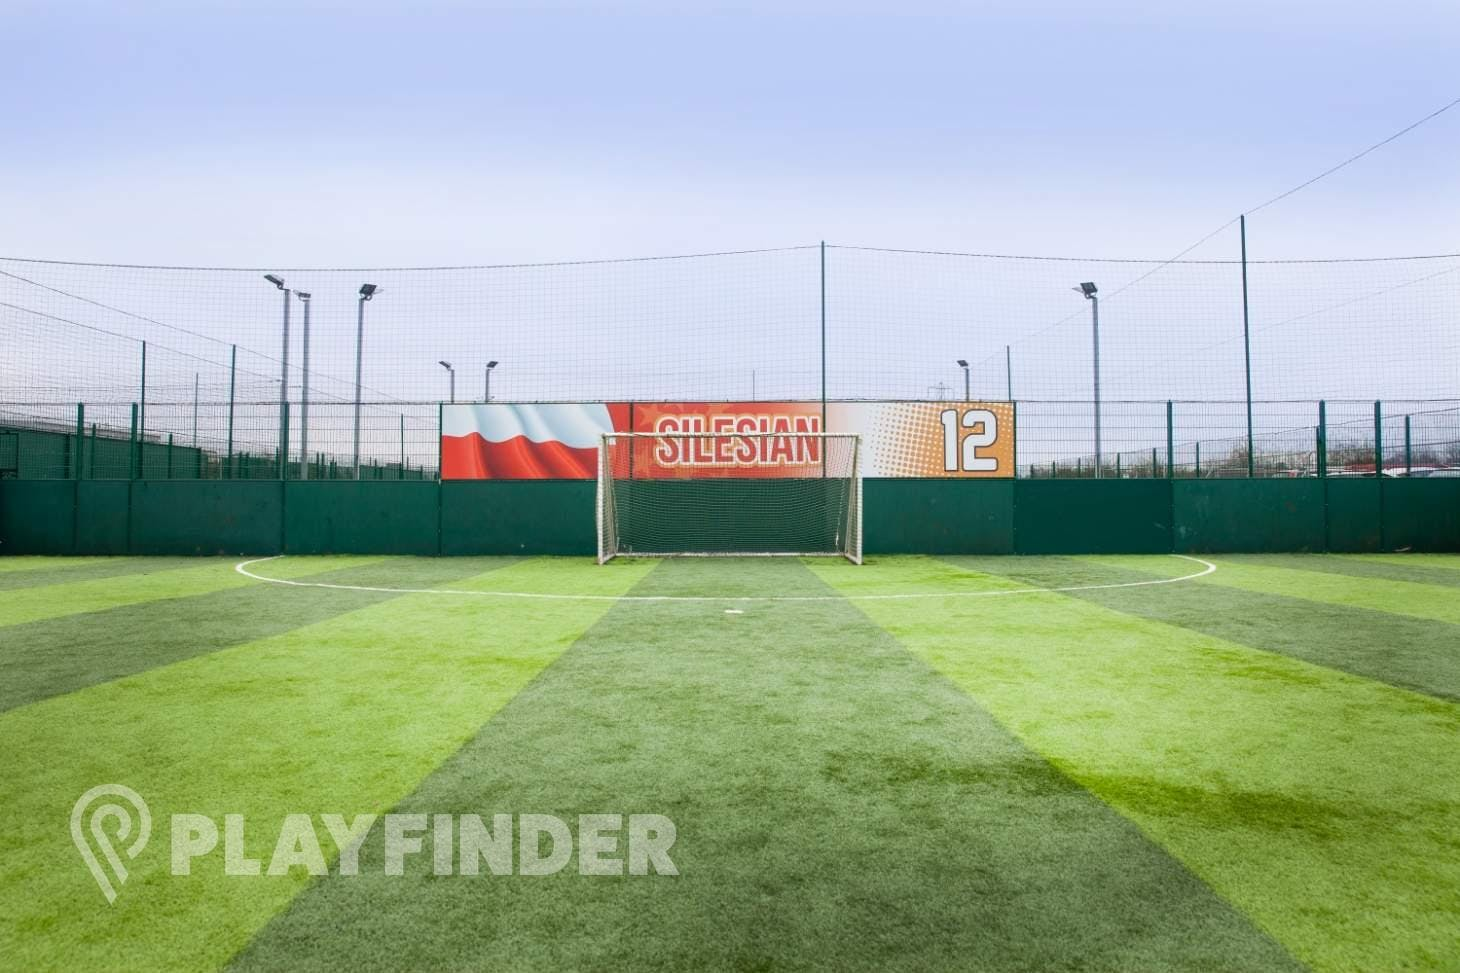 Goals Dagenham 7 a side | 3G Astroturf football pitch